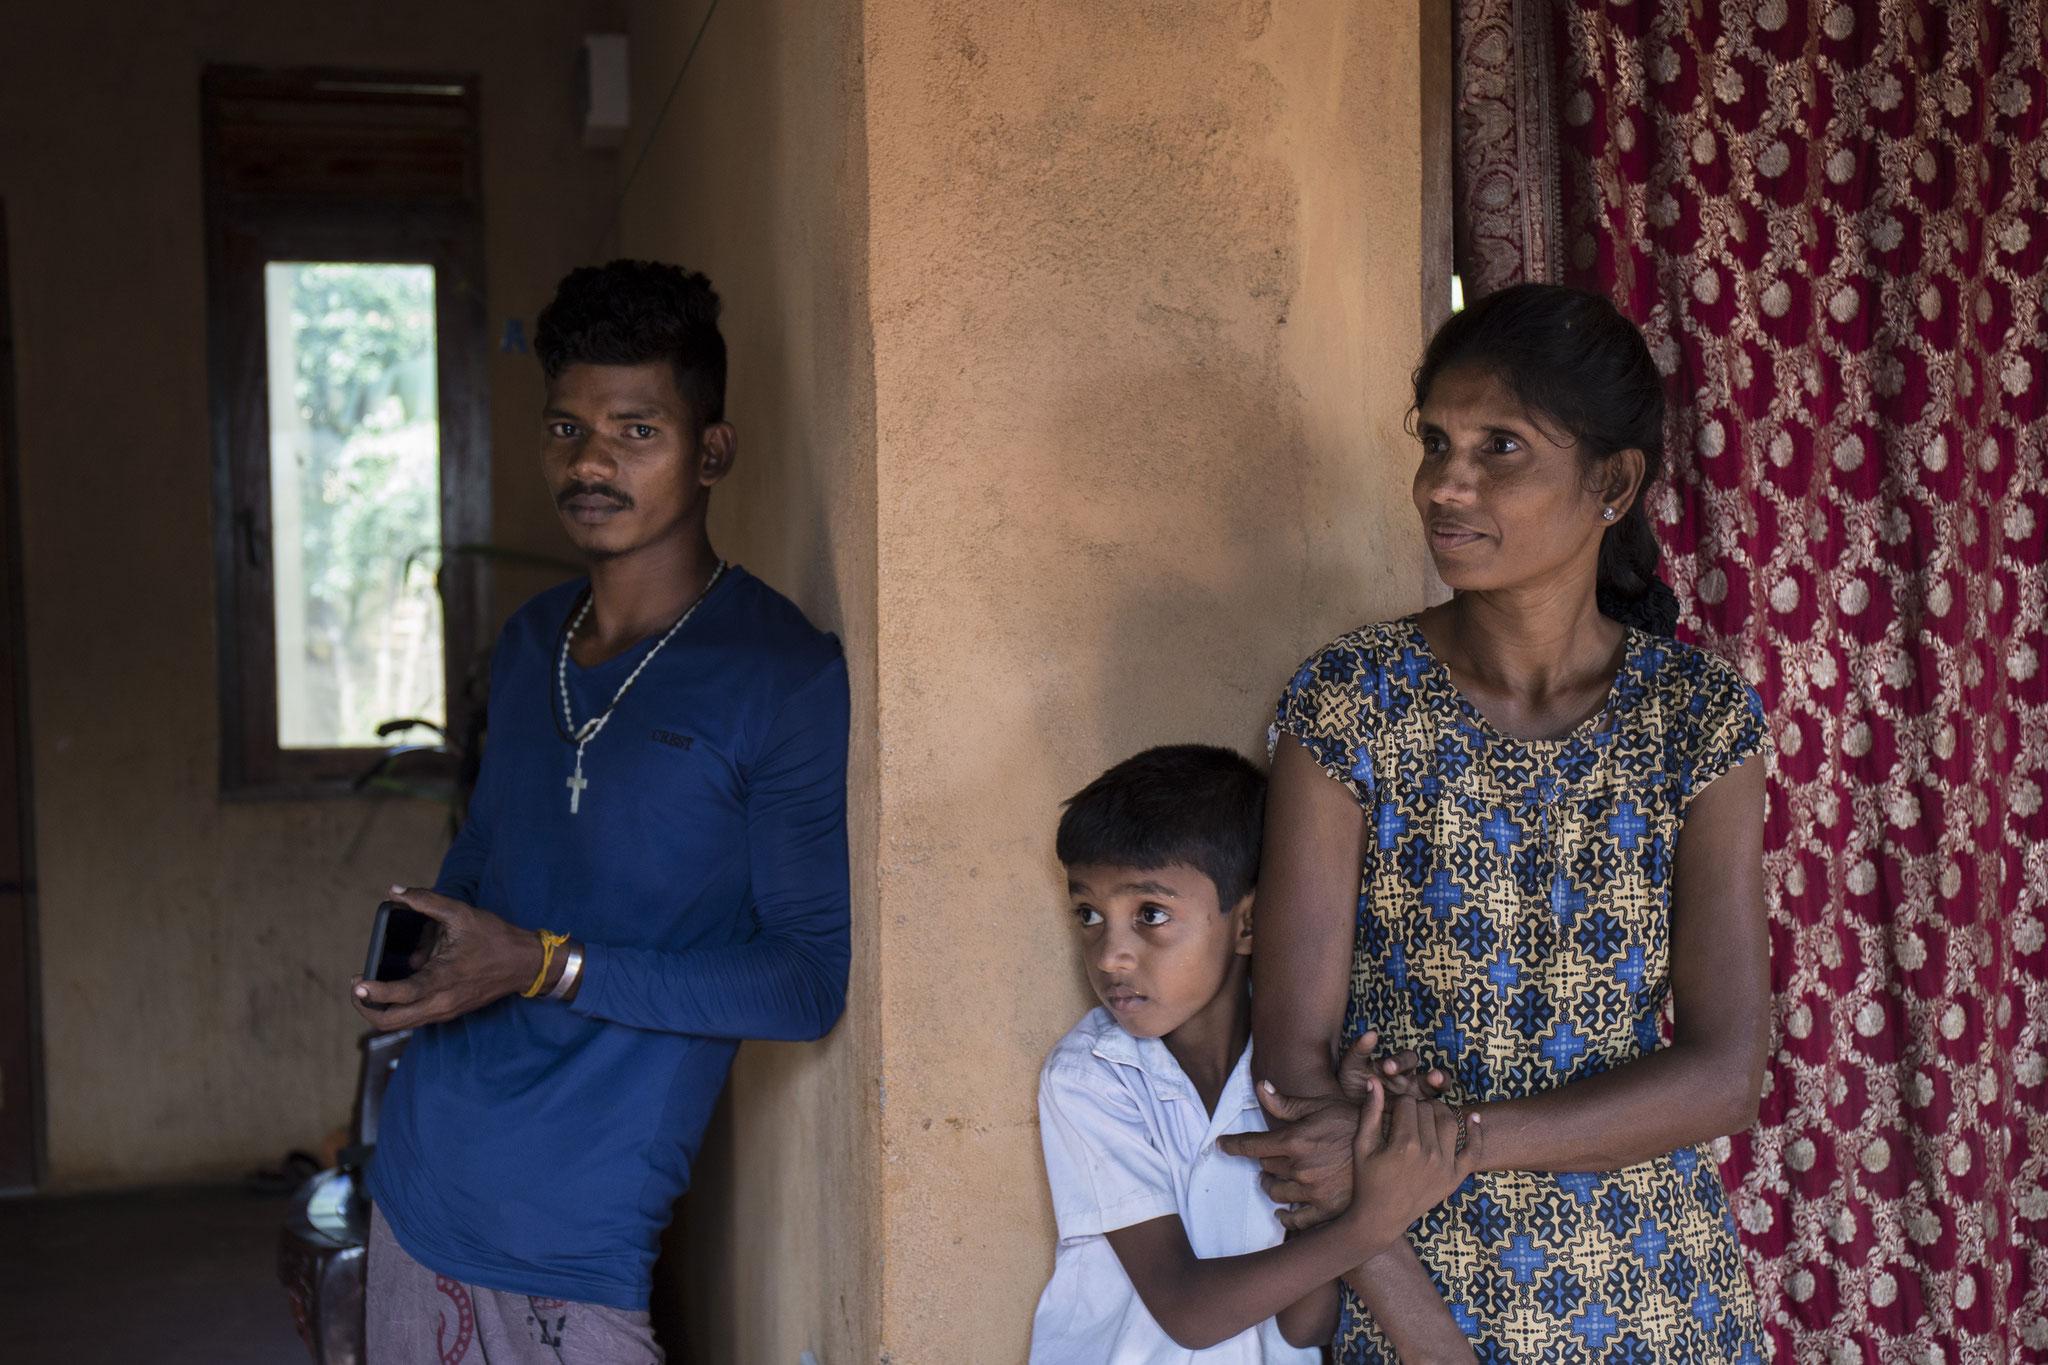 Die Witwe lebt mit ihren beiden Kindern in einem Dorf für Vertriebene. Ihr jugendlicher Sohn muss für die dreiköpfige Familie sorgen. Keerimalai, 2018